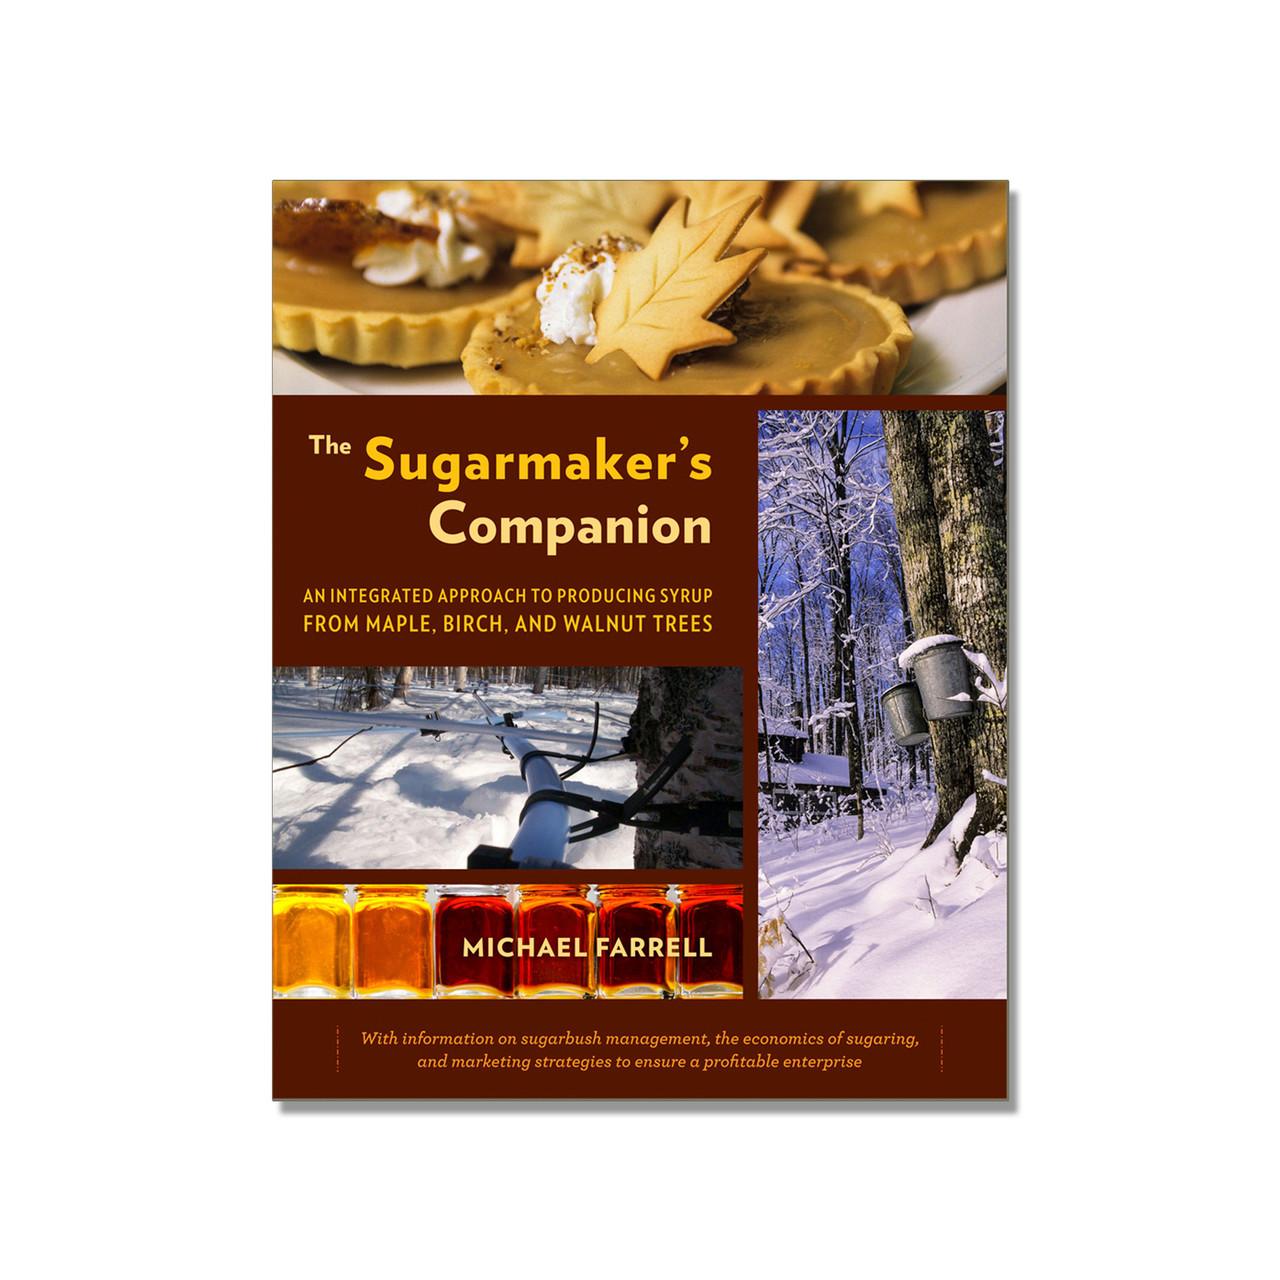 Sugarmaker's Companion